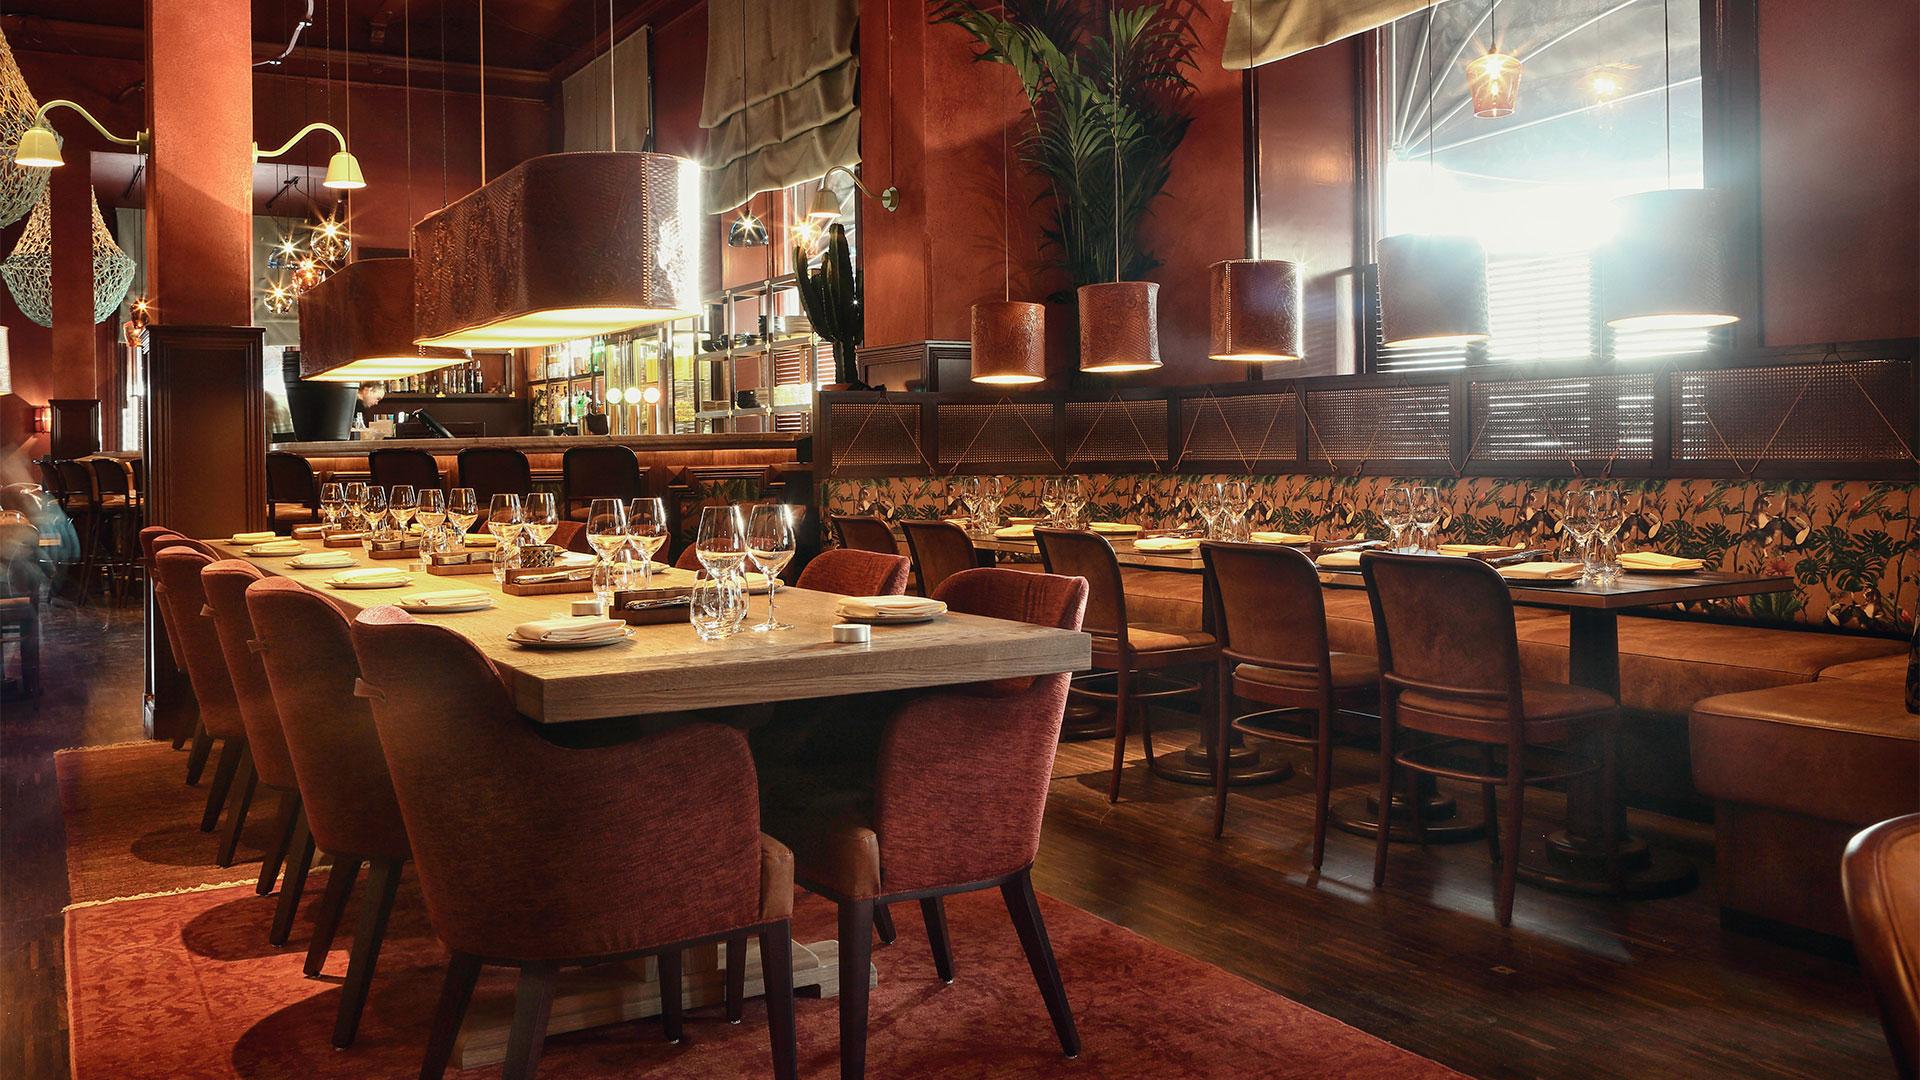 publico-dining-room